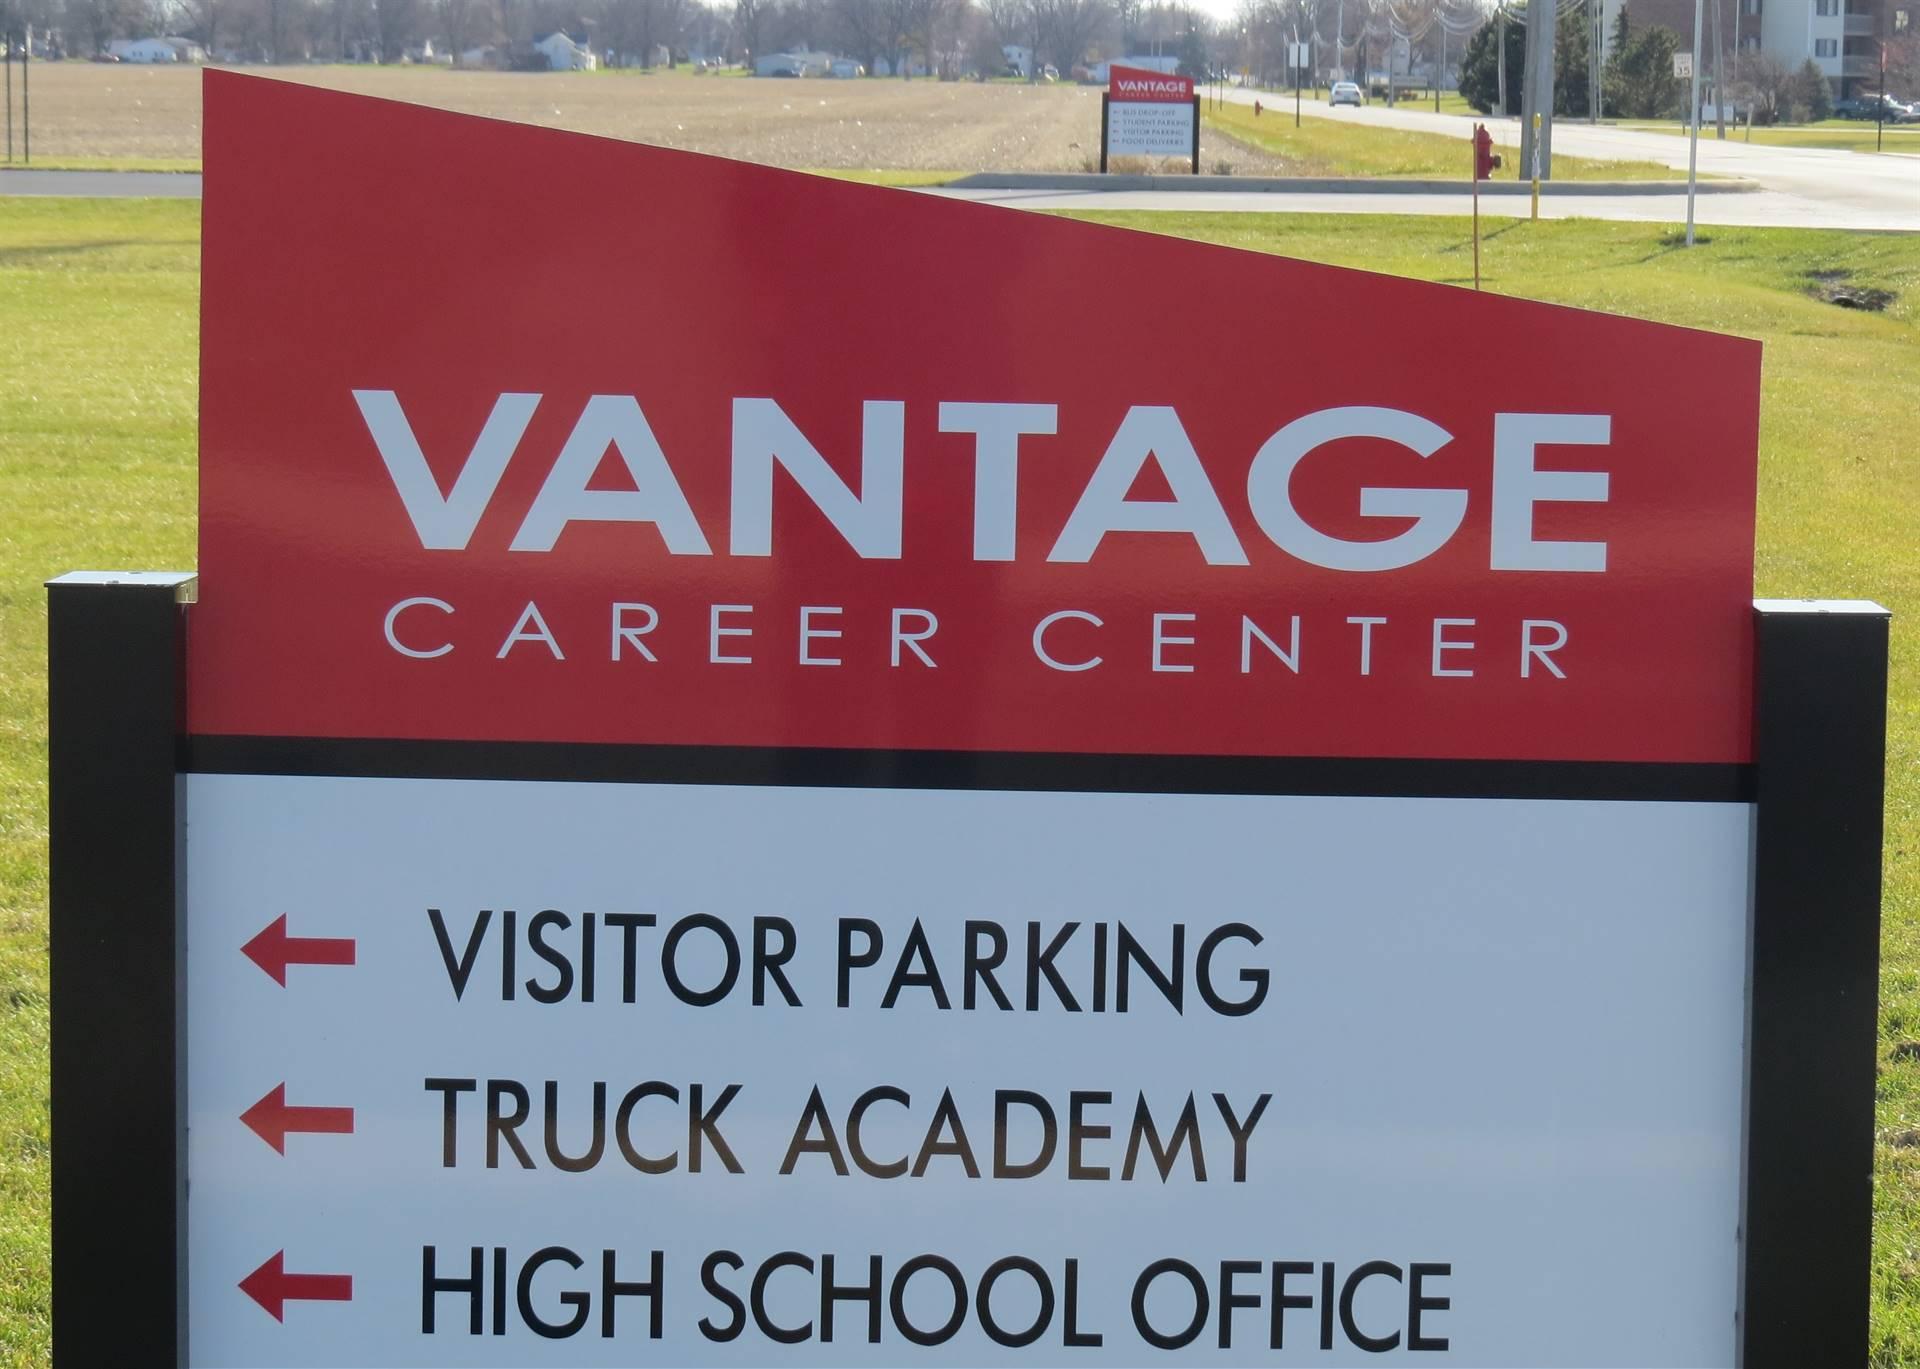 Entrance sign to Vantage campus